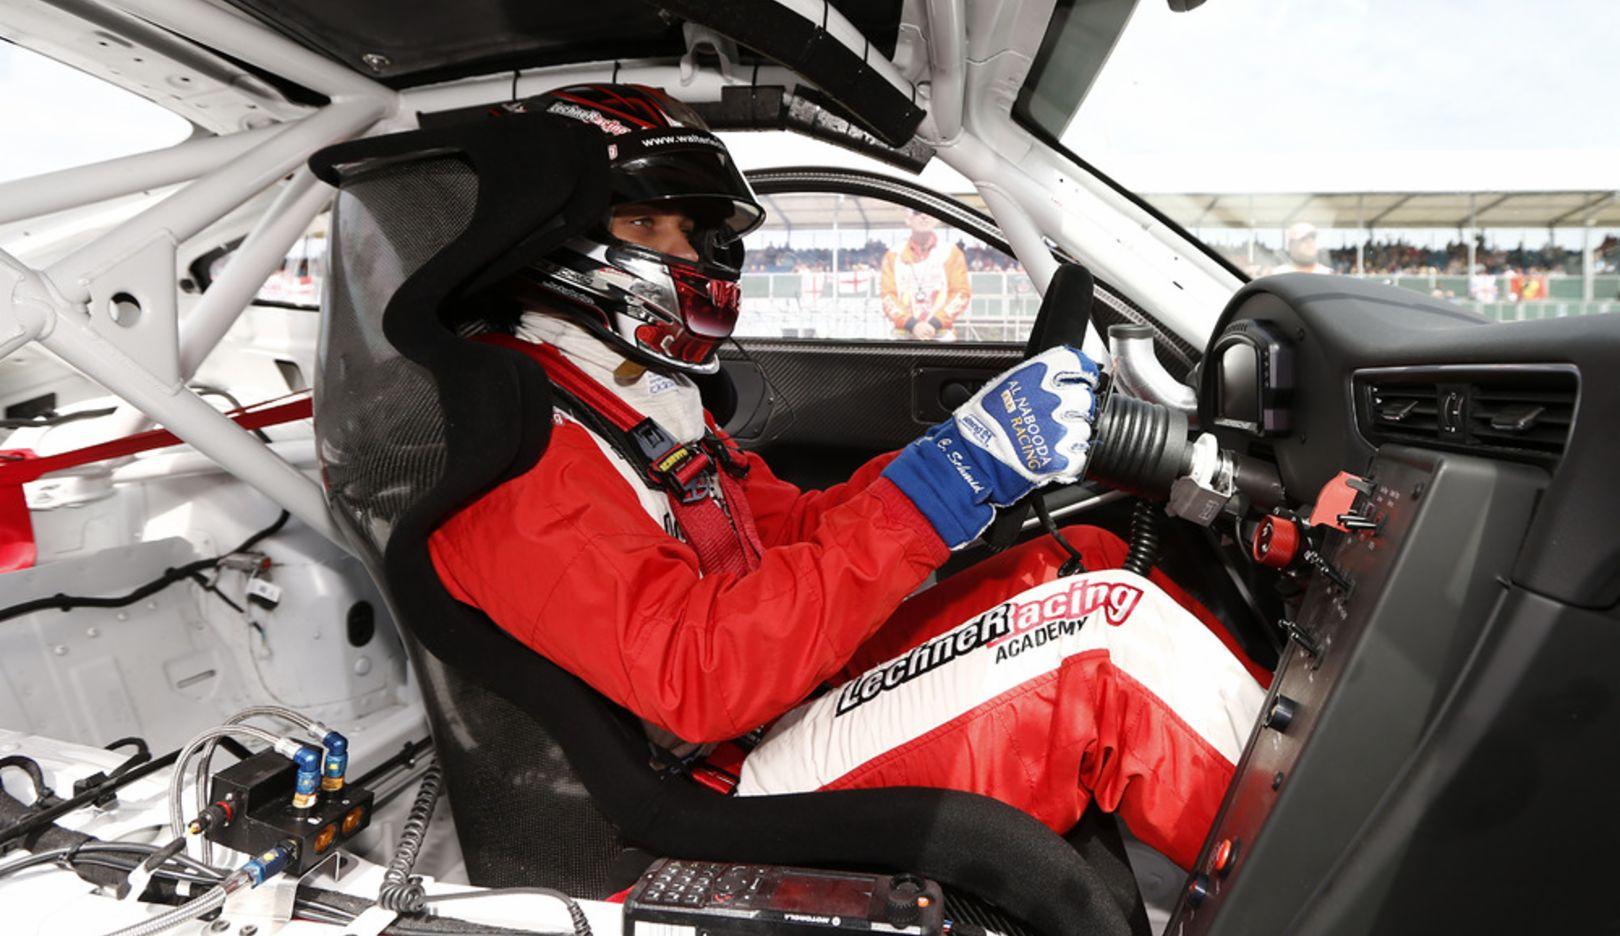 Clemens Schmid, Werksfahrer, Porsche Mobil 1 Supercup, Silverstone, 2014, Porsche AG